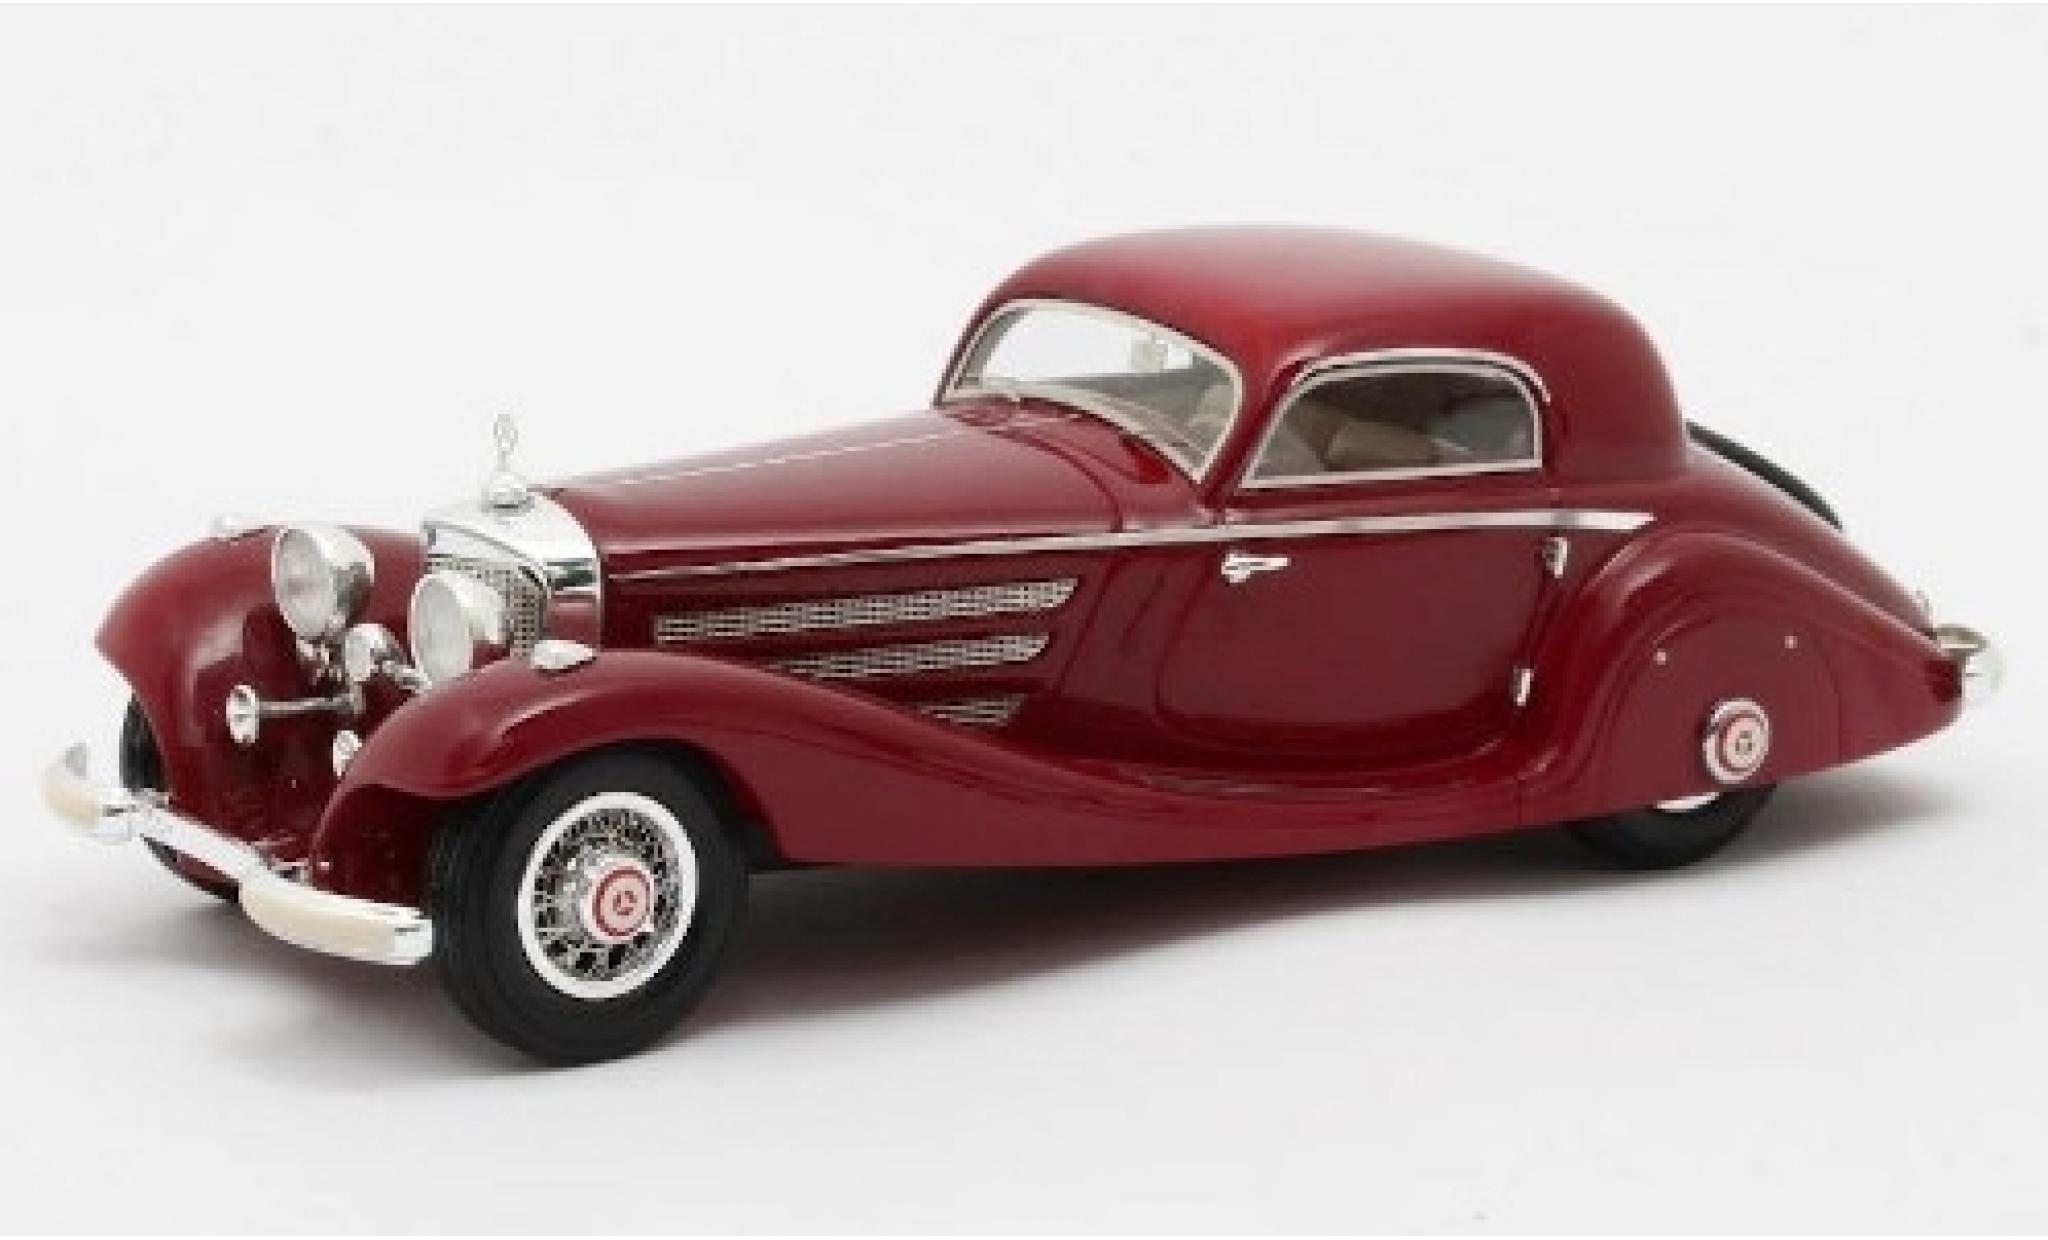 Mercedes 540 1/43 Matrix K (W29) Spezial Coupe rouge 1936 Fahrgestell-Nr.130944